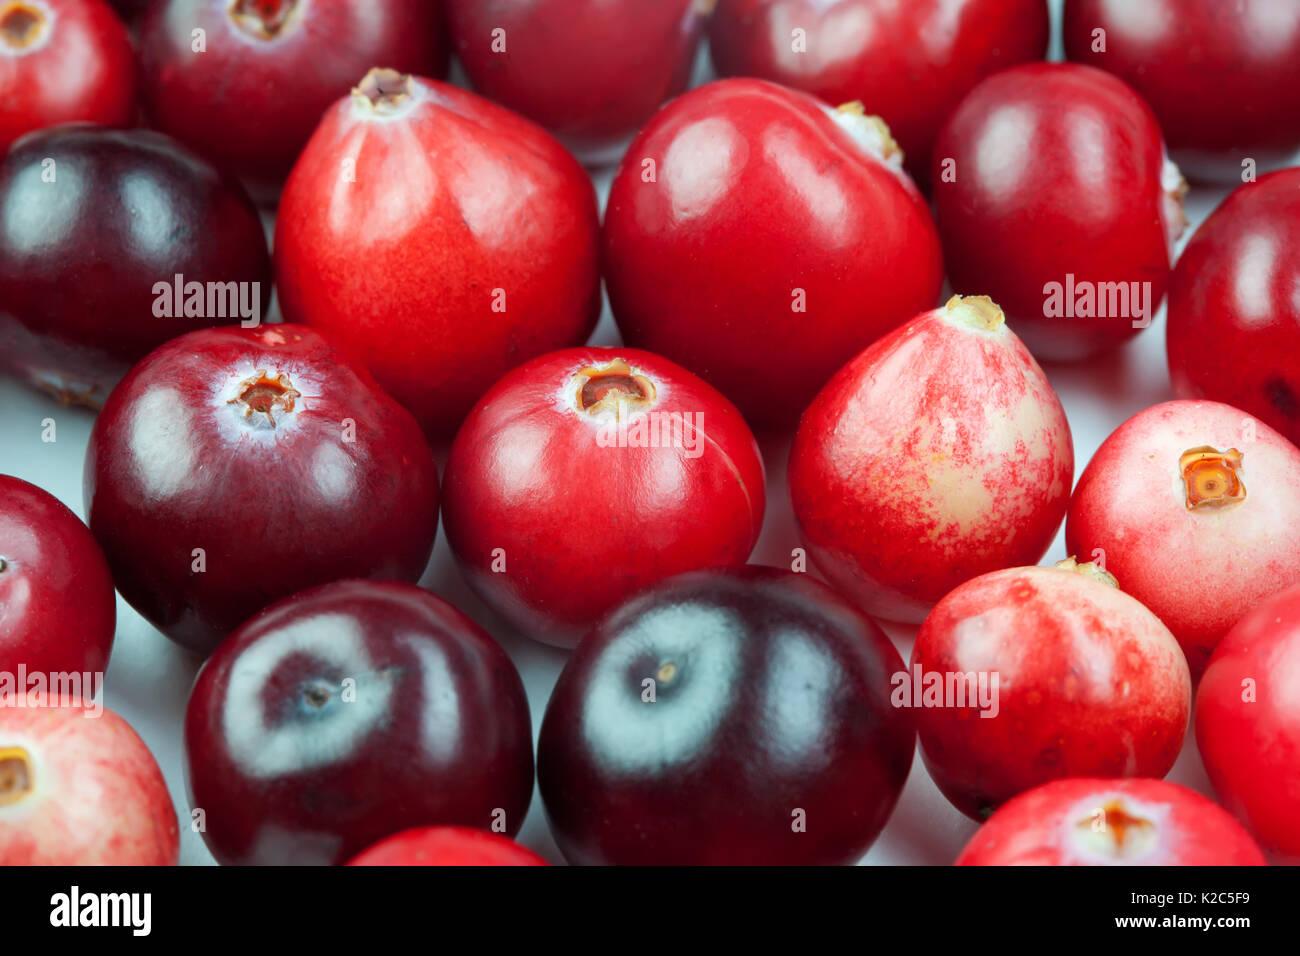 Wild cranberry Farbe Form Variation. Rote reife Beeren anzeigen Makro kopieren. studio Foto Stockbild